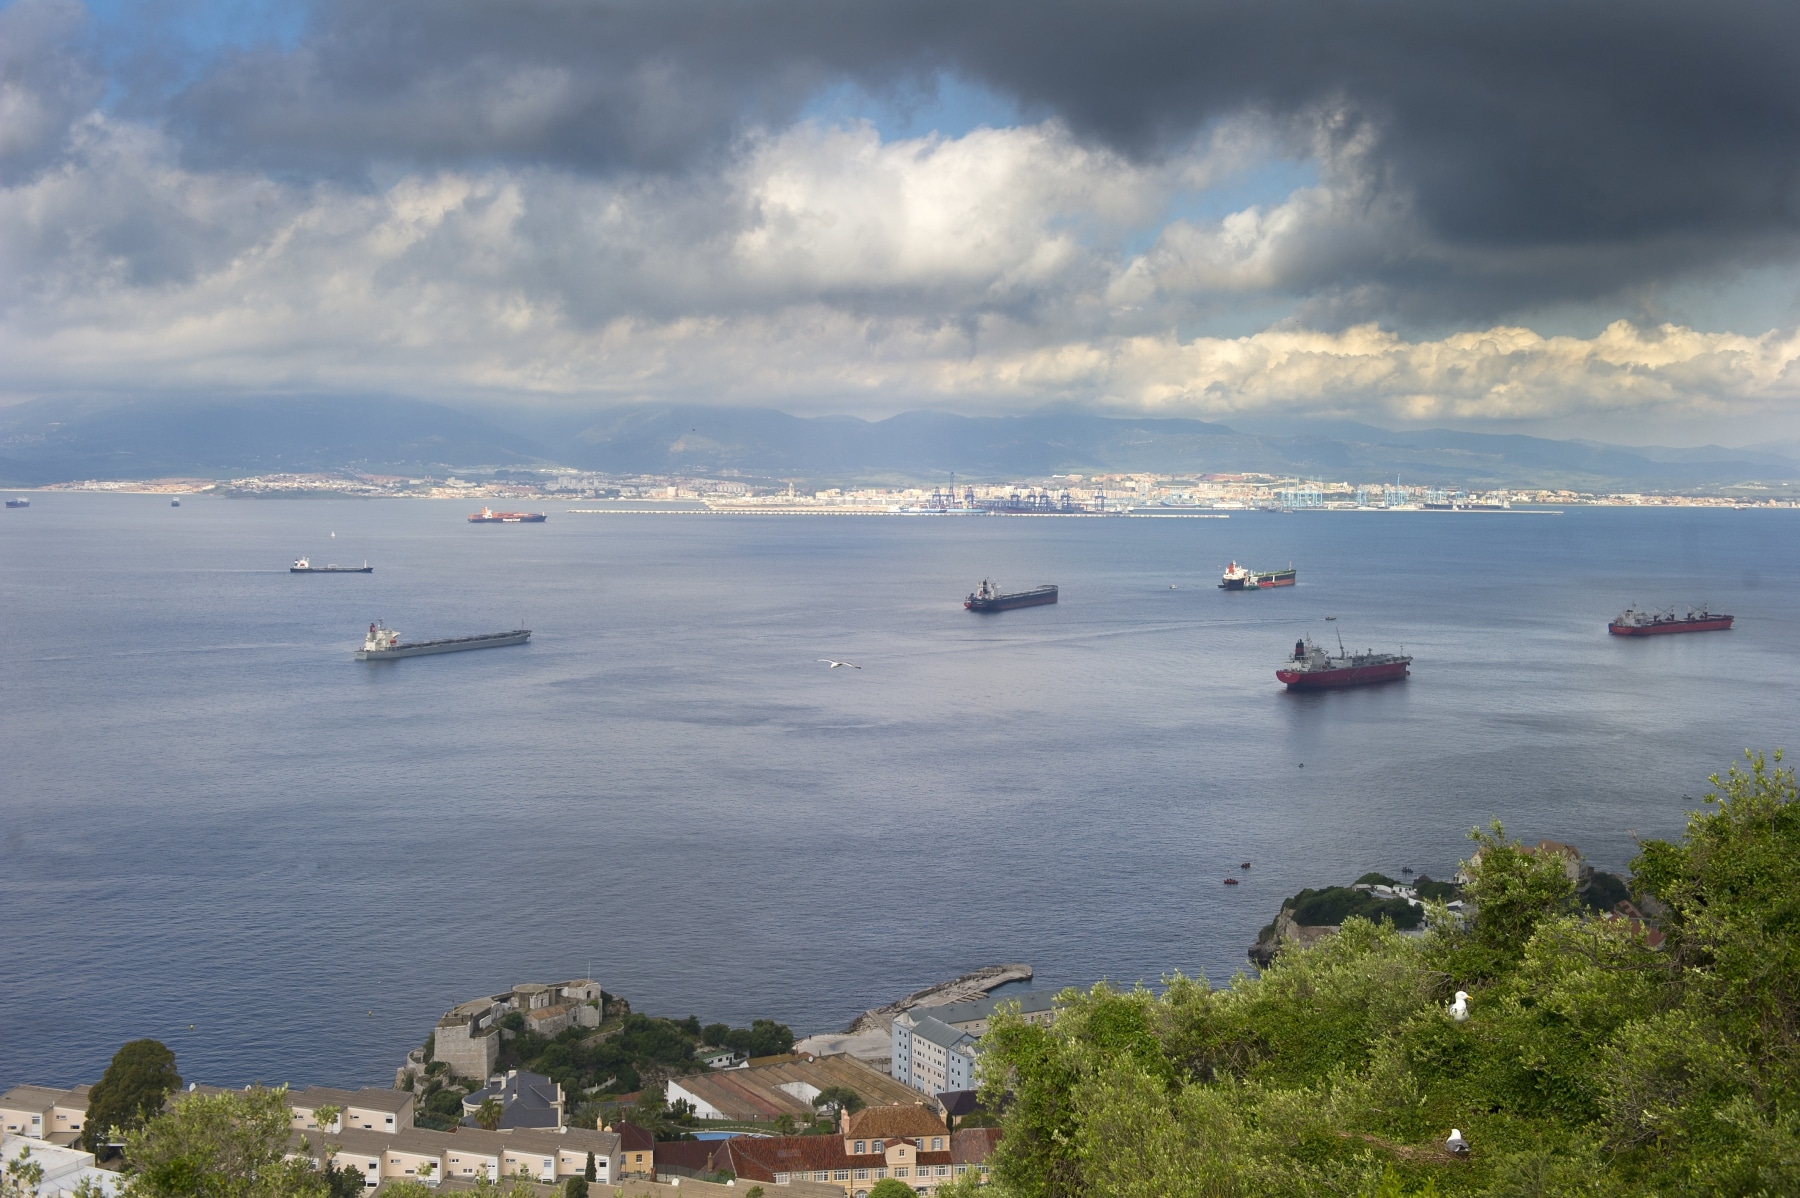 paisajes-la-bahia-gibraltar-02_9225029212_o